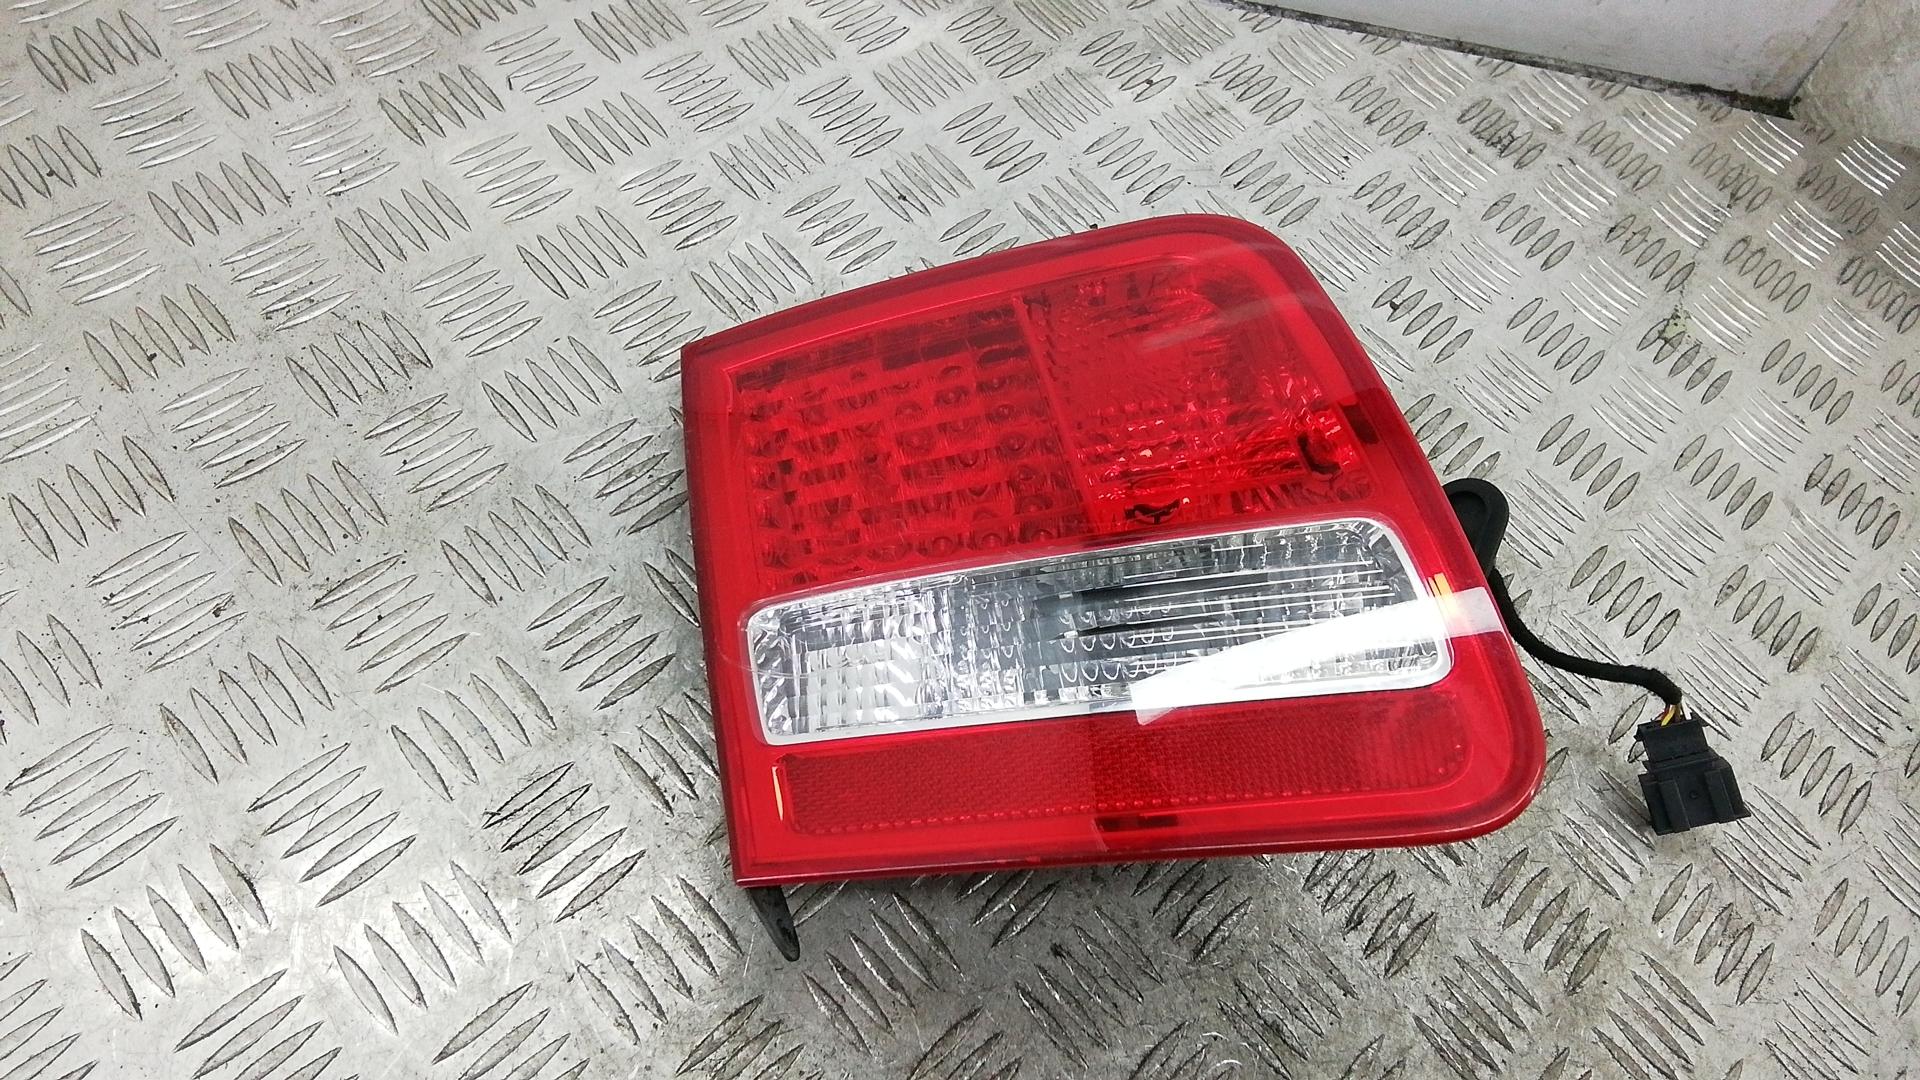 Фонарь левый крышки багажника, AUDI, A8 D3, 2007